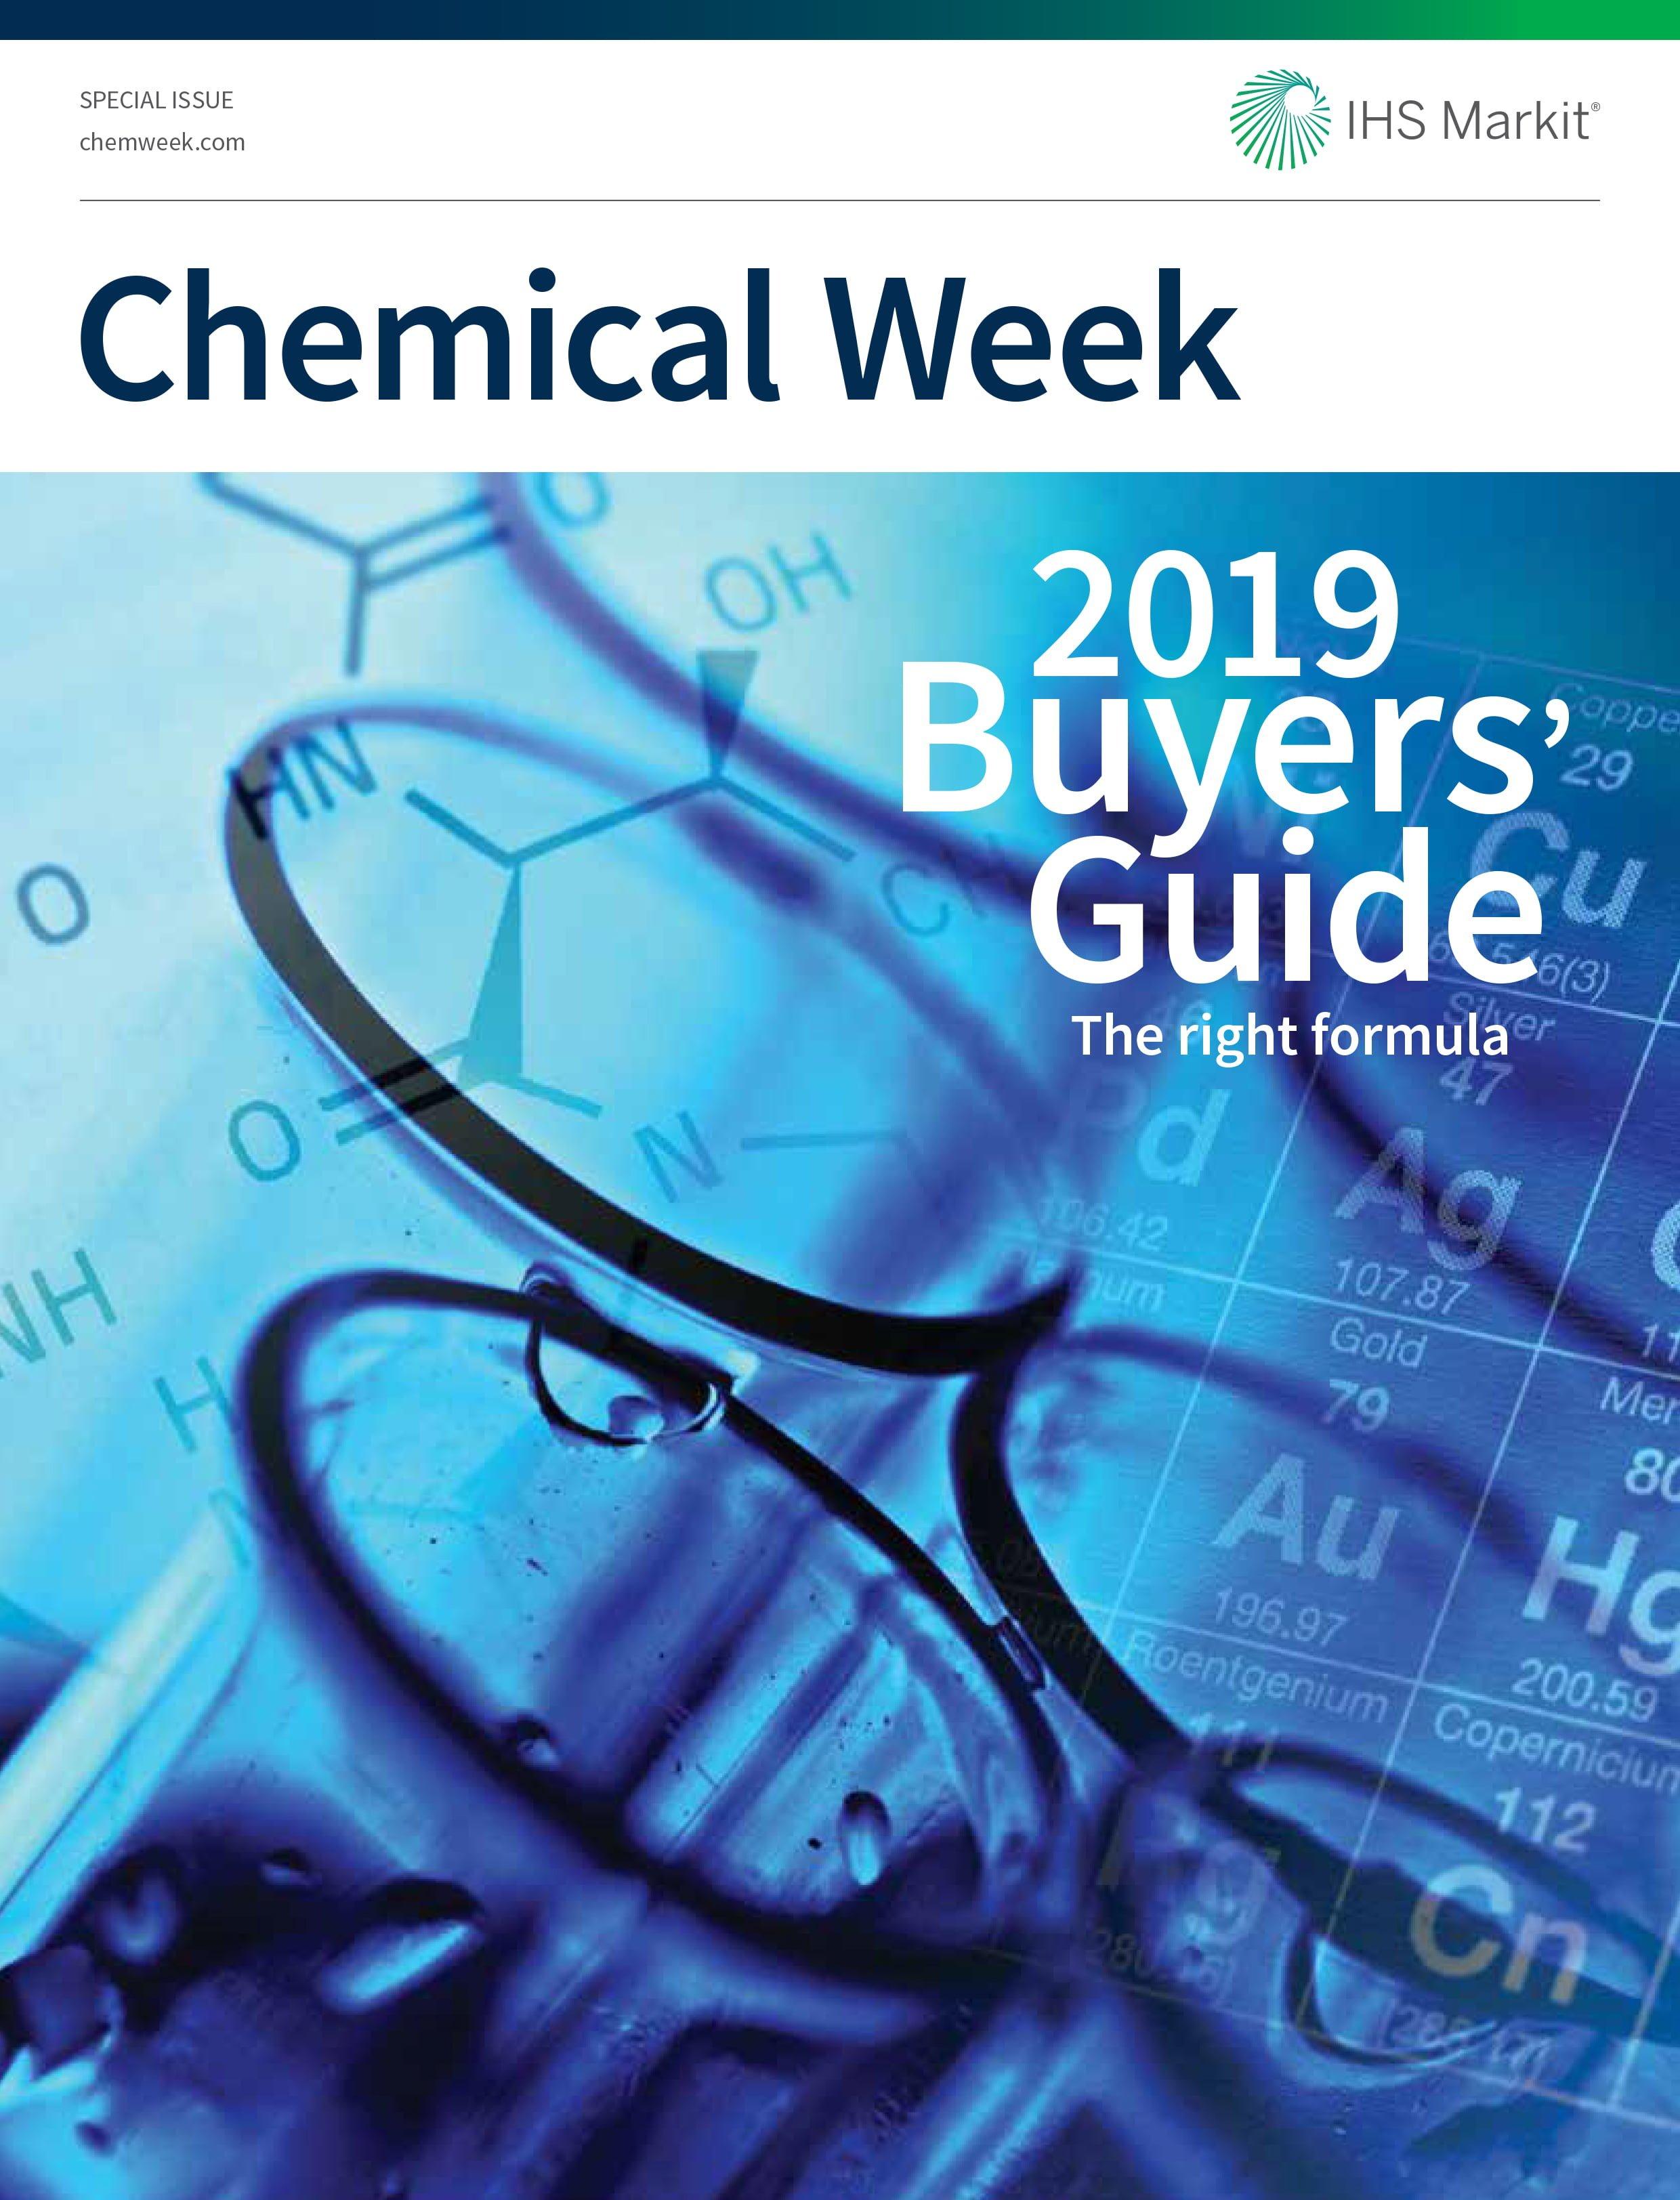 خرید عضویت سایت Chemweek.com دسترسی به اخبار و گزارشهای شیمی سایت Chemical Week یوزر و پسورد مجله هفتگی Chemical user password of Chemweek